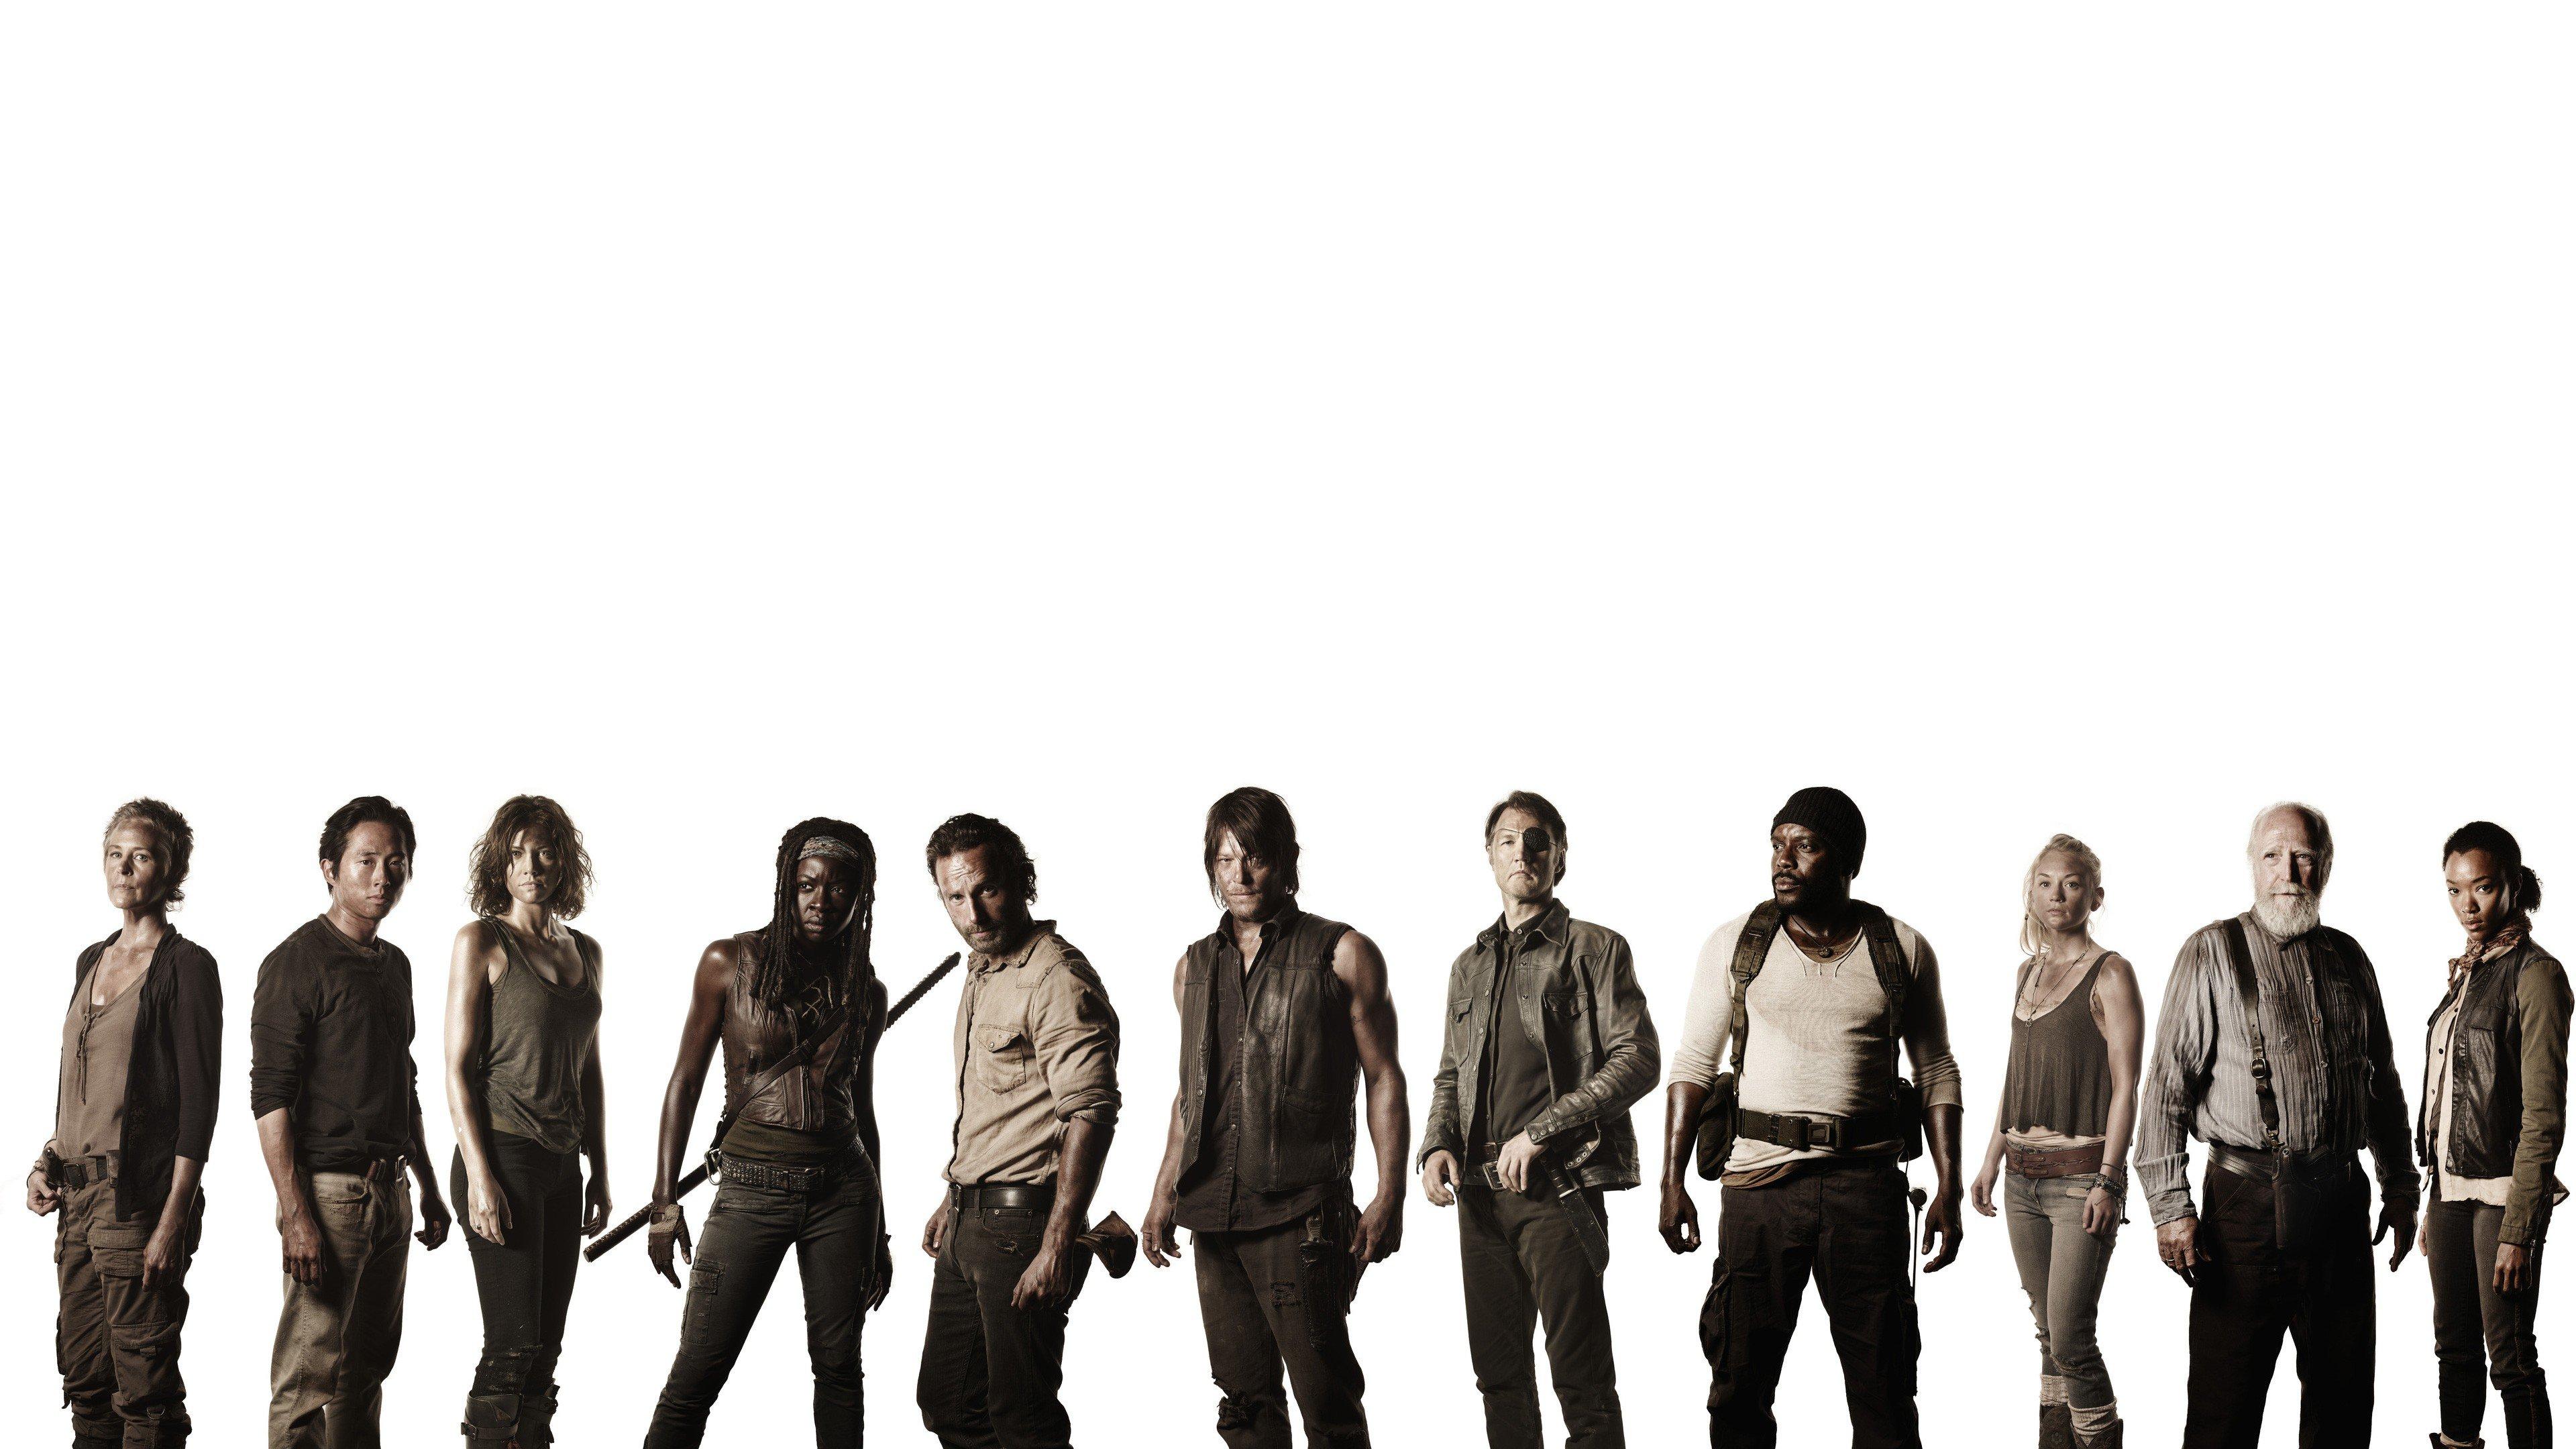 The Walking Dead Logo 2014 Fondo De Pantalla Fondos De: Walking Dead Actors, HD Tv Shows, 4k Wallpapers, Images